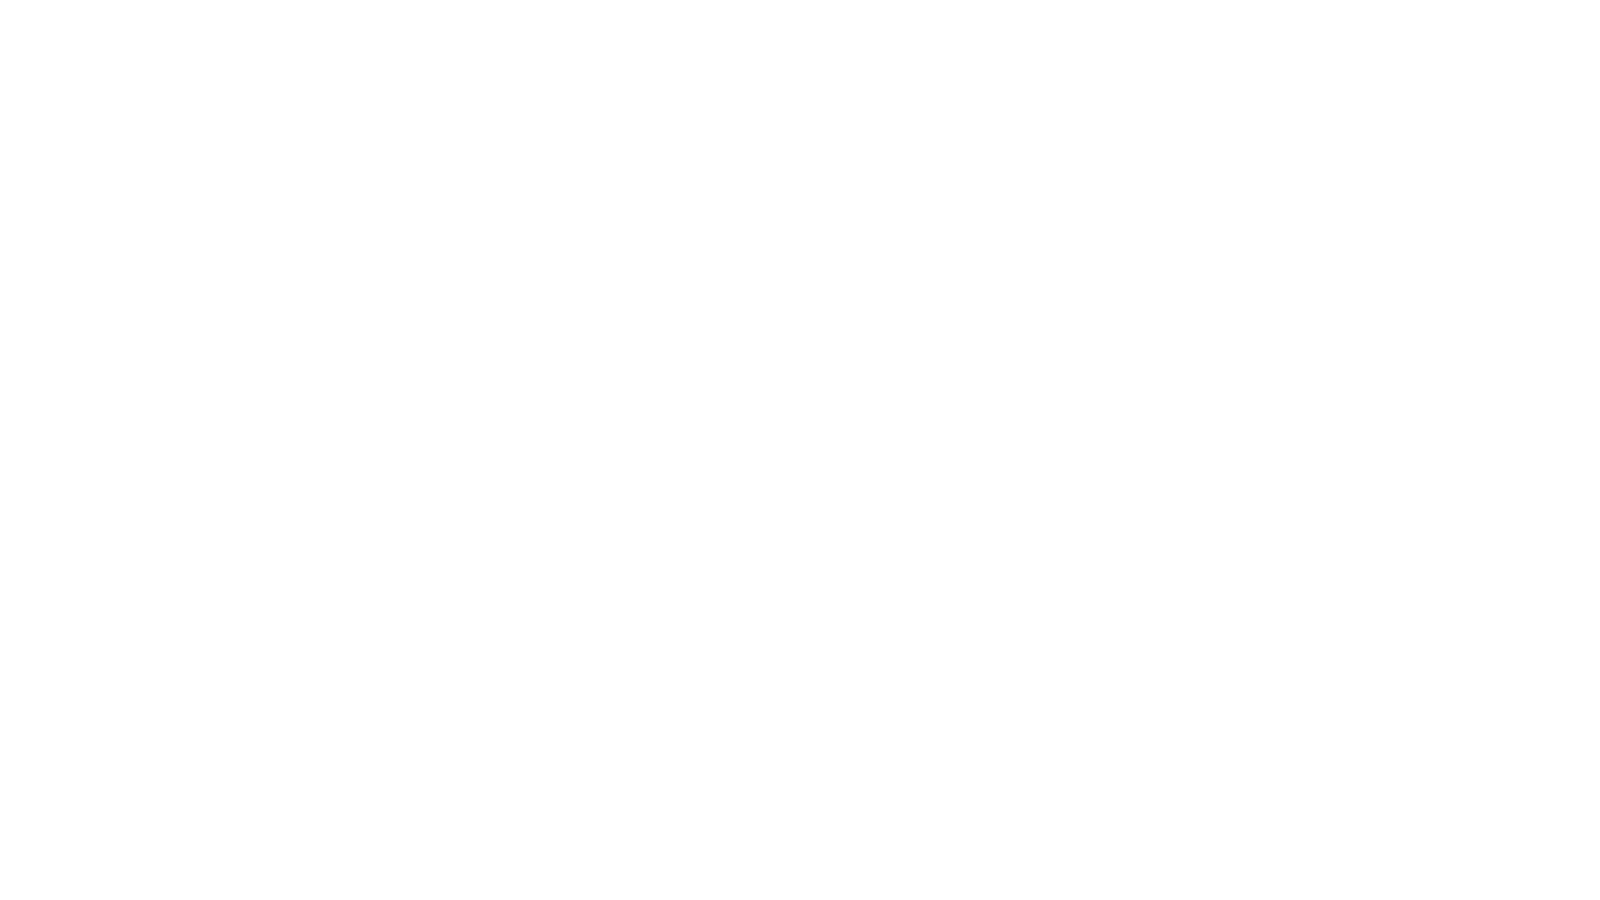 Klachtgebieden waar reeds mooie resultaten mee ervaren zijn:  Migraine (ook chronische) Artrose-achtige aandoeningen Neuropathie klachten Psoriasis in een vroeg stadium Fibromyalgie Gewrichtspijnen Rosacea en couperose Ontstekingen Gescheurde spieren en pezen Brandwonden Hielspoor Eczeem en huiduitslag bij allergie Gespannen nek en schouderspieren & stress gerelateerde klachten COPD en directe zuurstofopname verhoging Litteken weefsel (indien niet ouder dan maximaal 2 jaar volledig herstel mogelijk) Acne en overmatige talgproductie Slecht werkend immuunsysteem Astmatische klachten Huidverjonging & aanmaak van nieuwe collageen en fibroblasten Rugklachten Slaapproblemen Verbetering van persoonlijk & atletisch uithoudingsvermogen  https://essys.nu